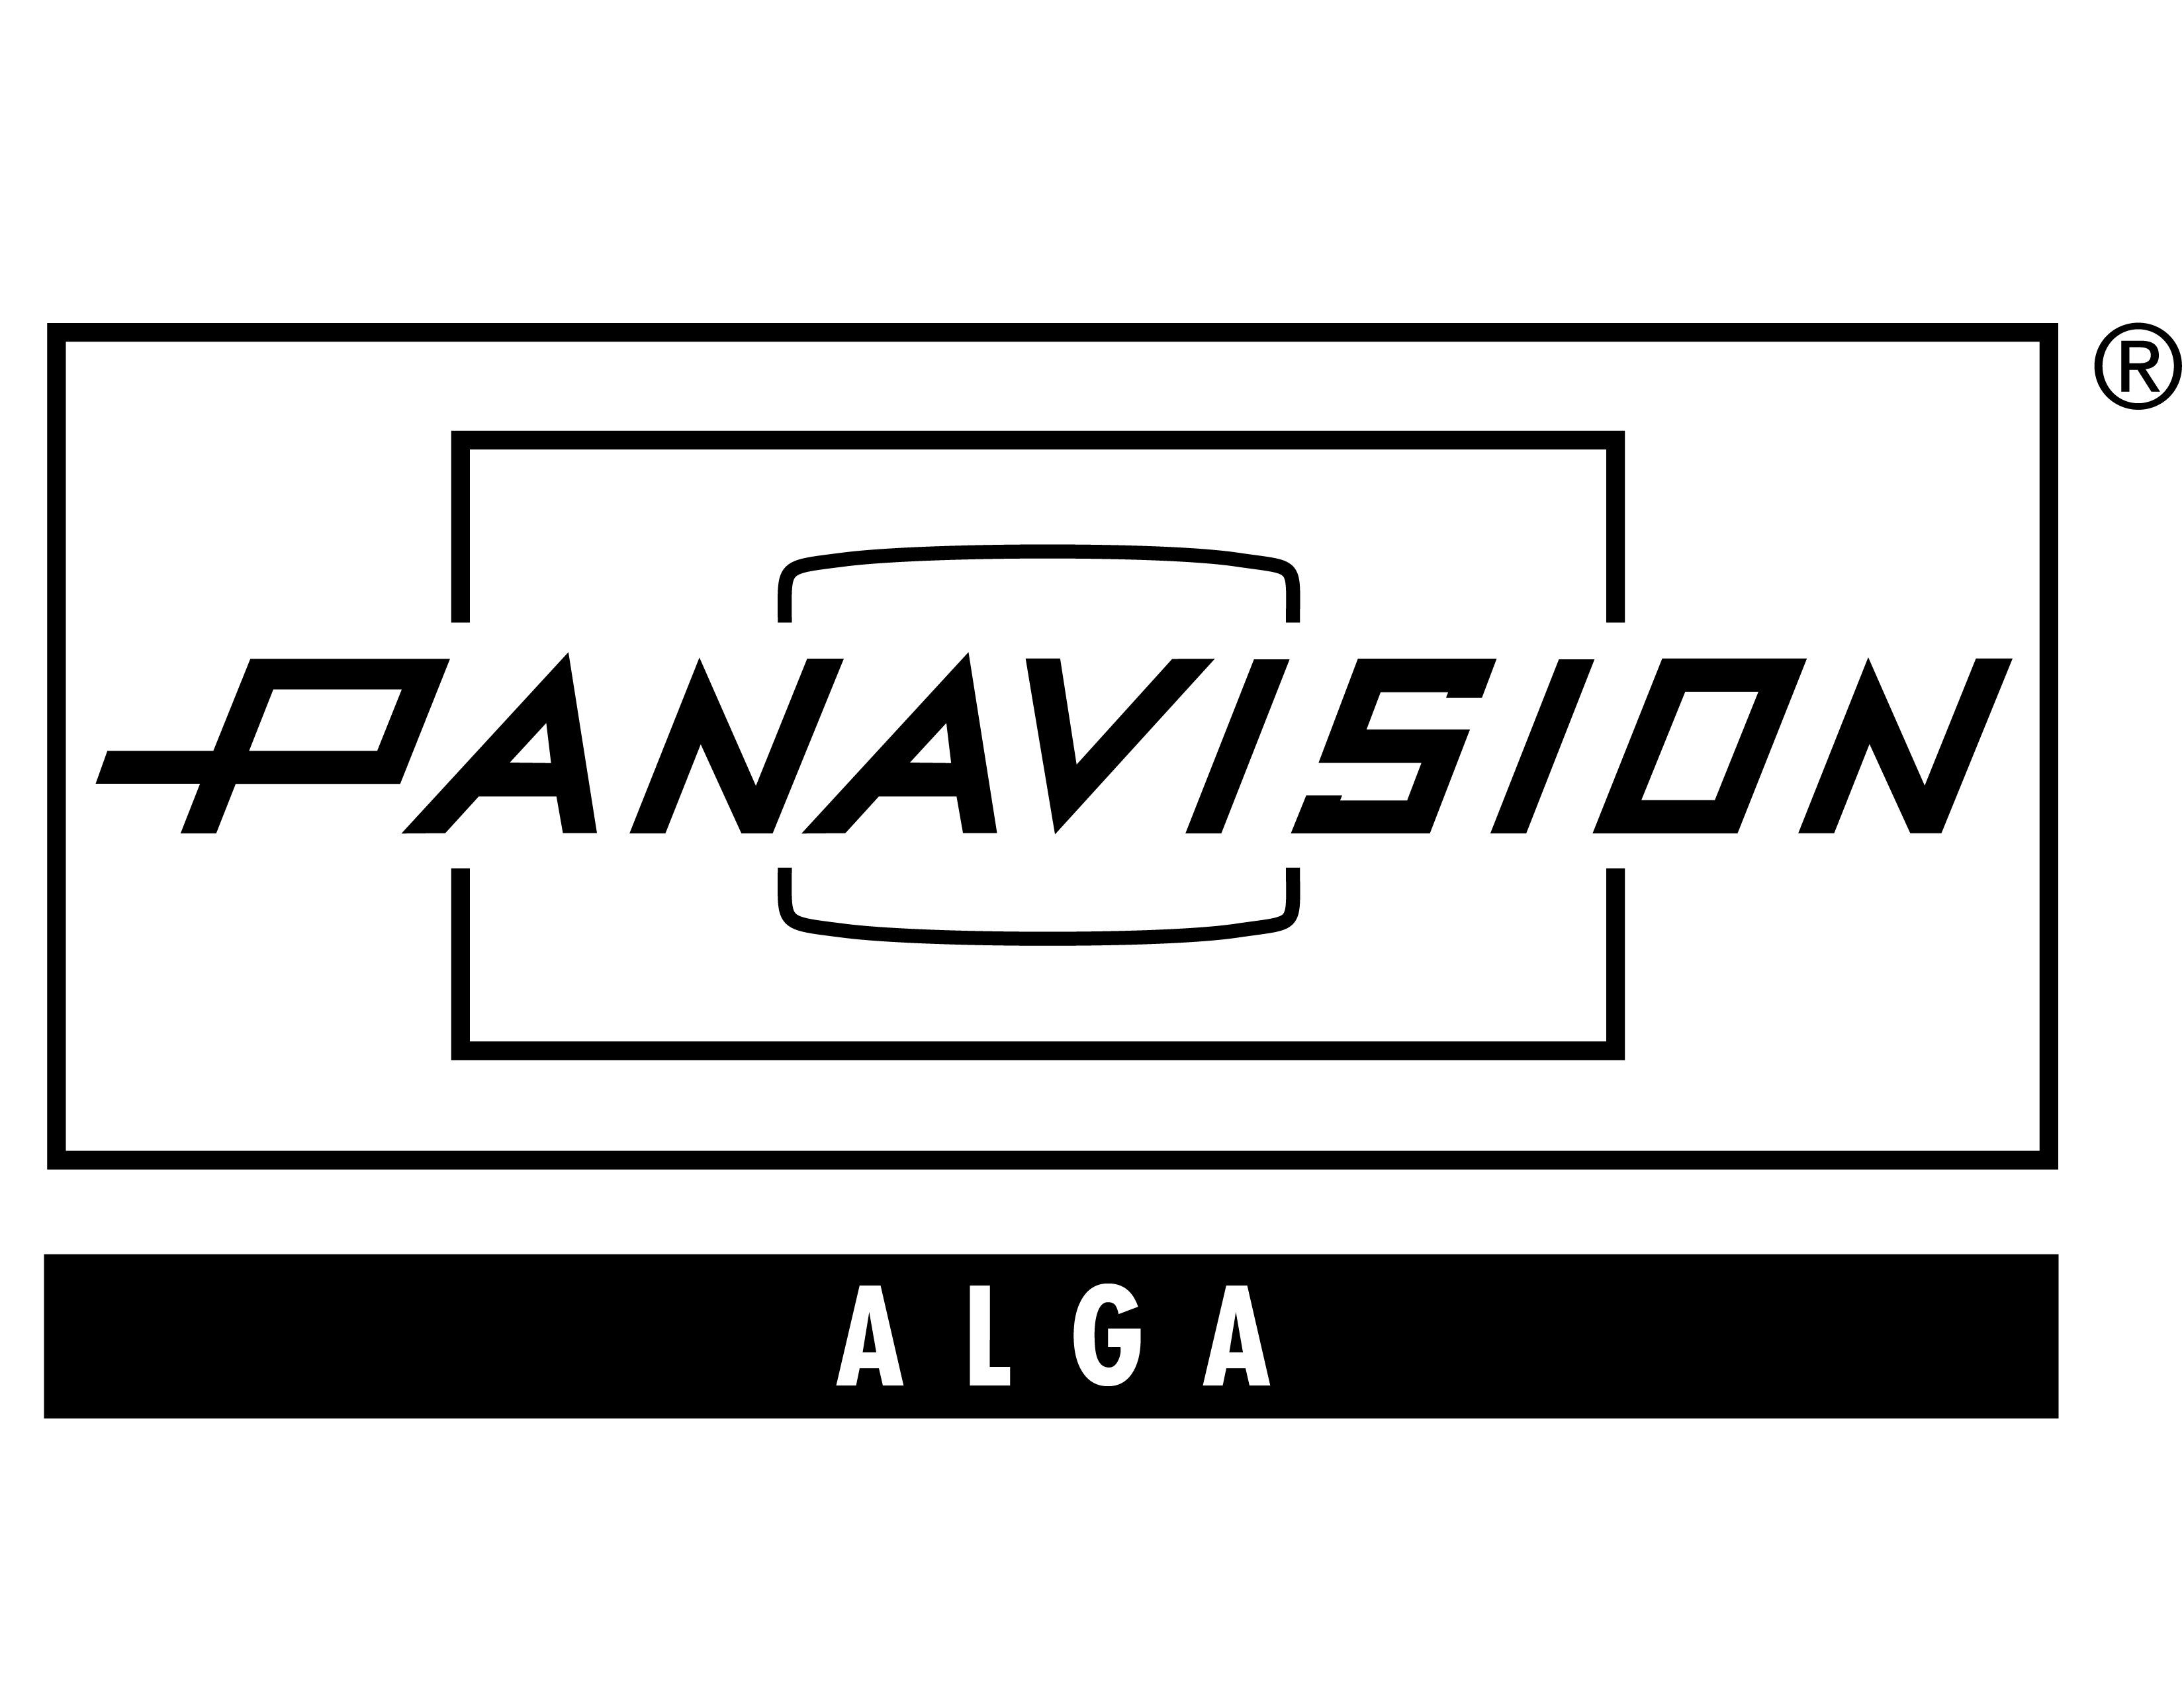 PANAVISION ALGA